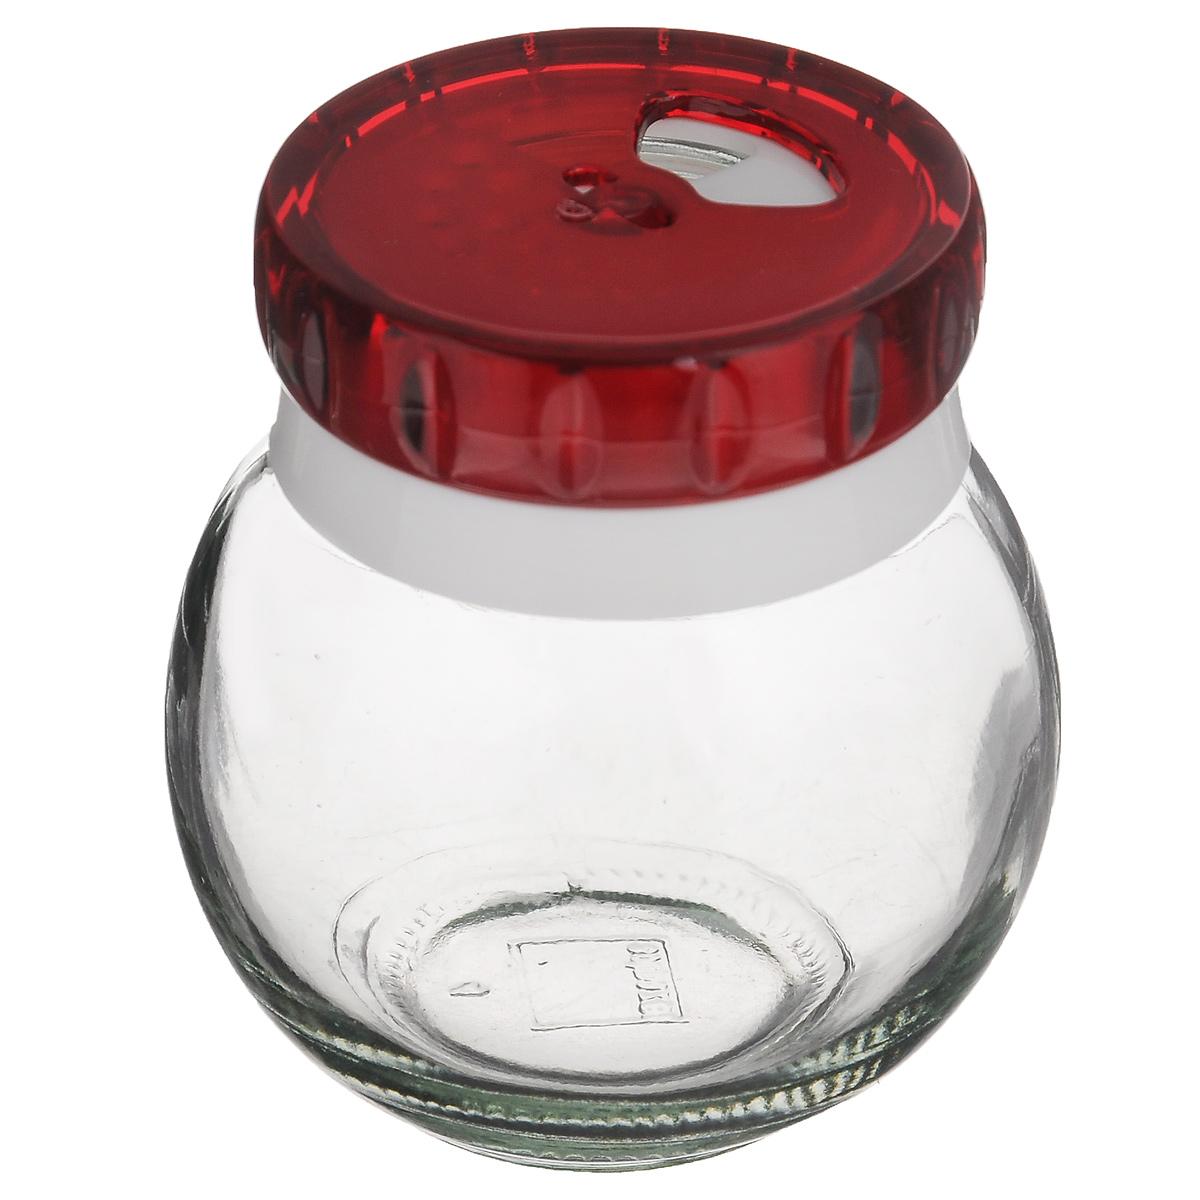 Банка для специй Herevin, цвет: красный, 200 мл. 131007-802131007-802_красныйБанка для специй Herevin выполнена из прозрачного стекла и оснащена пластиковой цветной крышкой с отверстиями разного размера, благодаря которым, вы сможете приправить блюда, просто перевернув банку. Крышка снабжена поворотным механизмом, благодаря которому вы сможете регулировать степень подачи специй. Крышка легко откручивается, благодаря чему засыпать приправу внутрь очень просто. Такая баночка станет достойным дополнением к вашему кухонному инвентарю. Можно мыть в посудомоечной машине. Объем: 200 мл. Диаметр (по верхнему краю): 4 см. Высота банки (без учета крышки): 7 см.